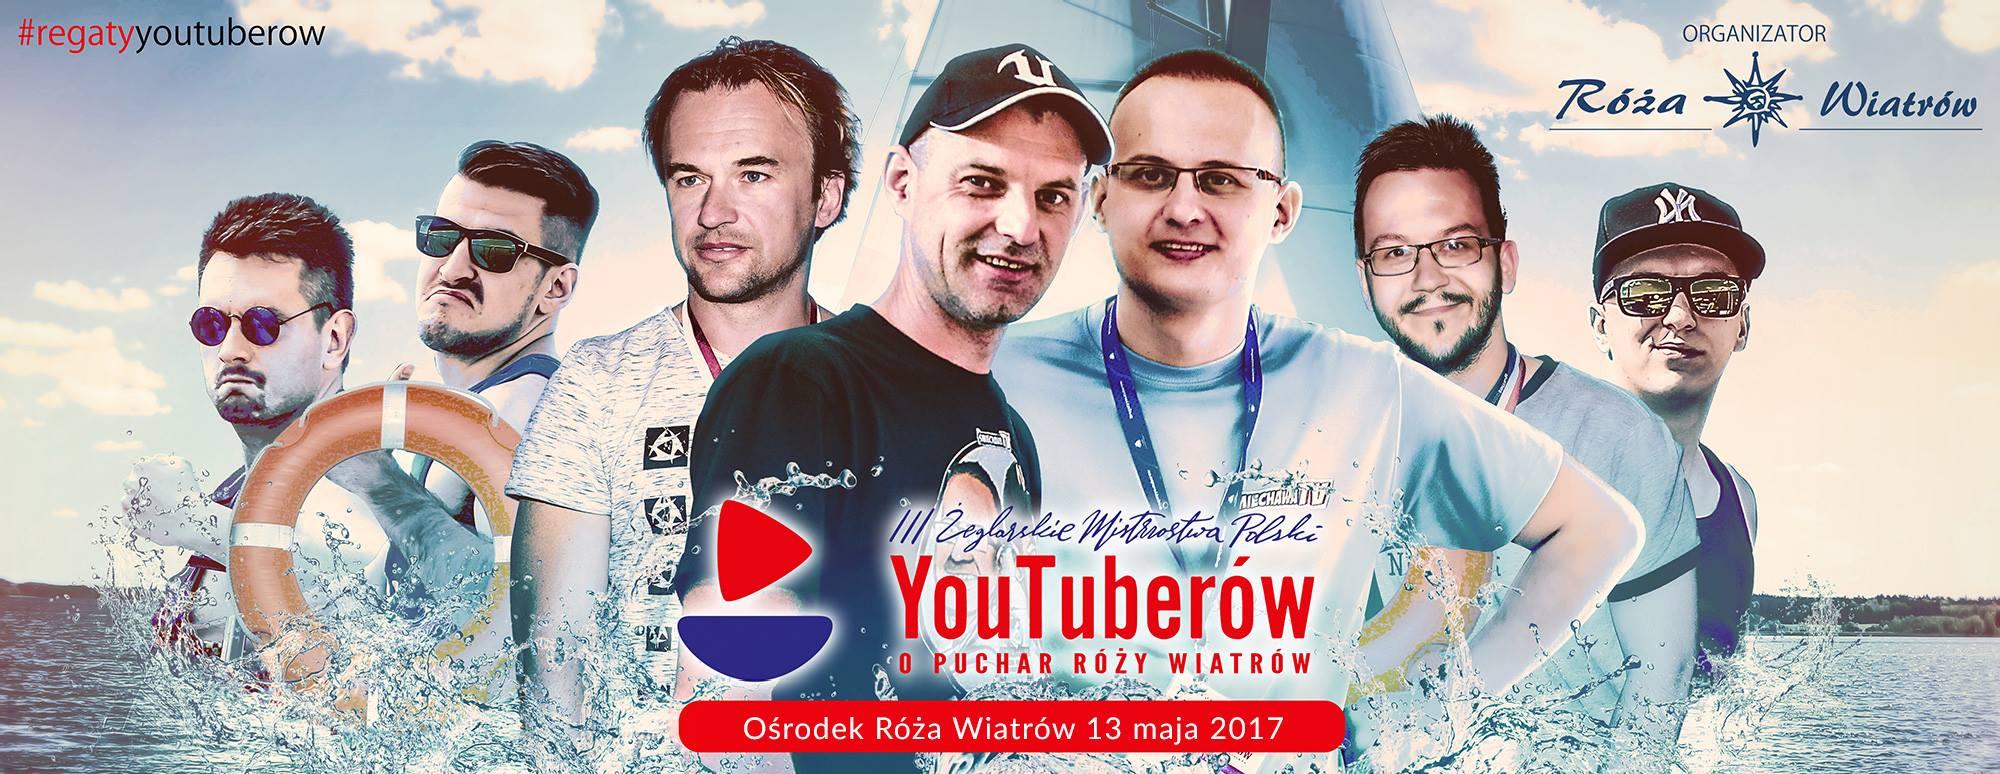 III Żeglarskie Mistrzostwa Polski YouTuberów o Puchar Rozy Wiatrow